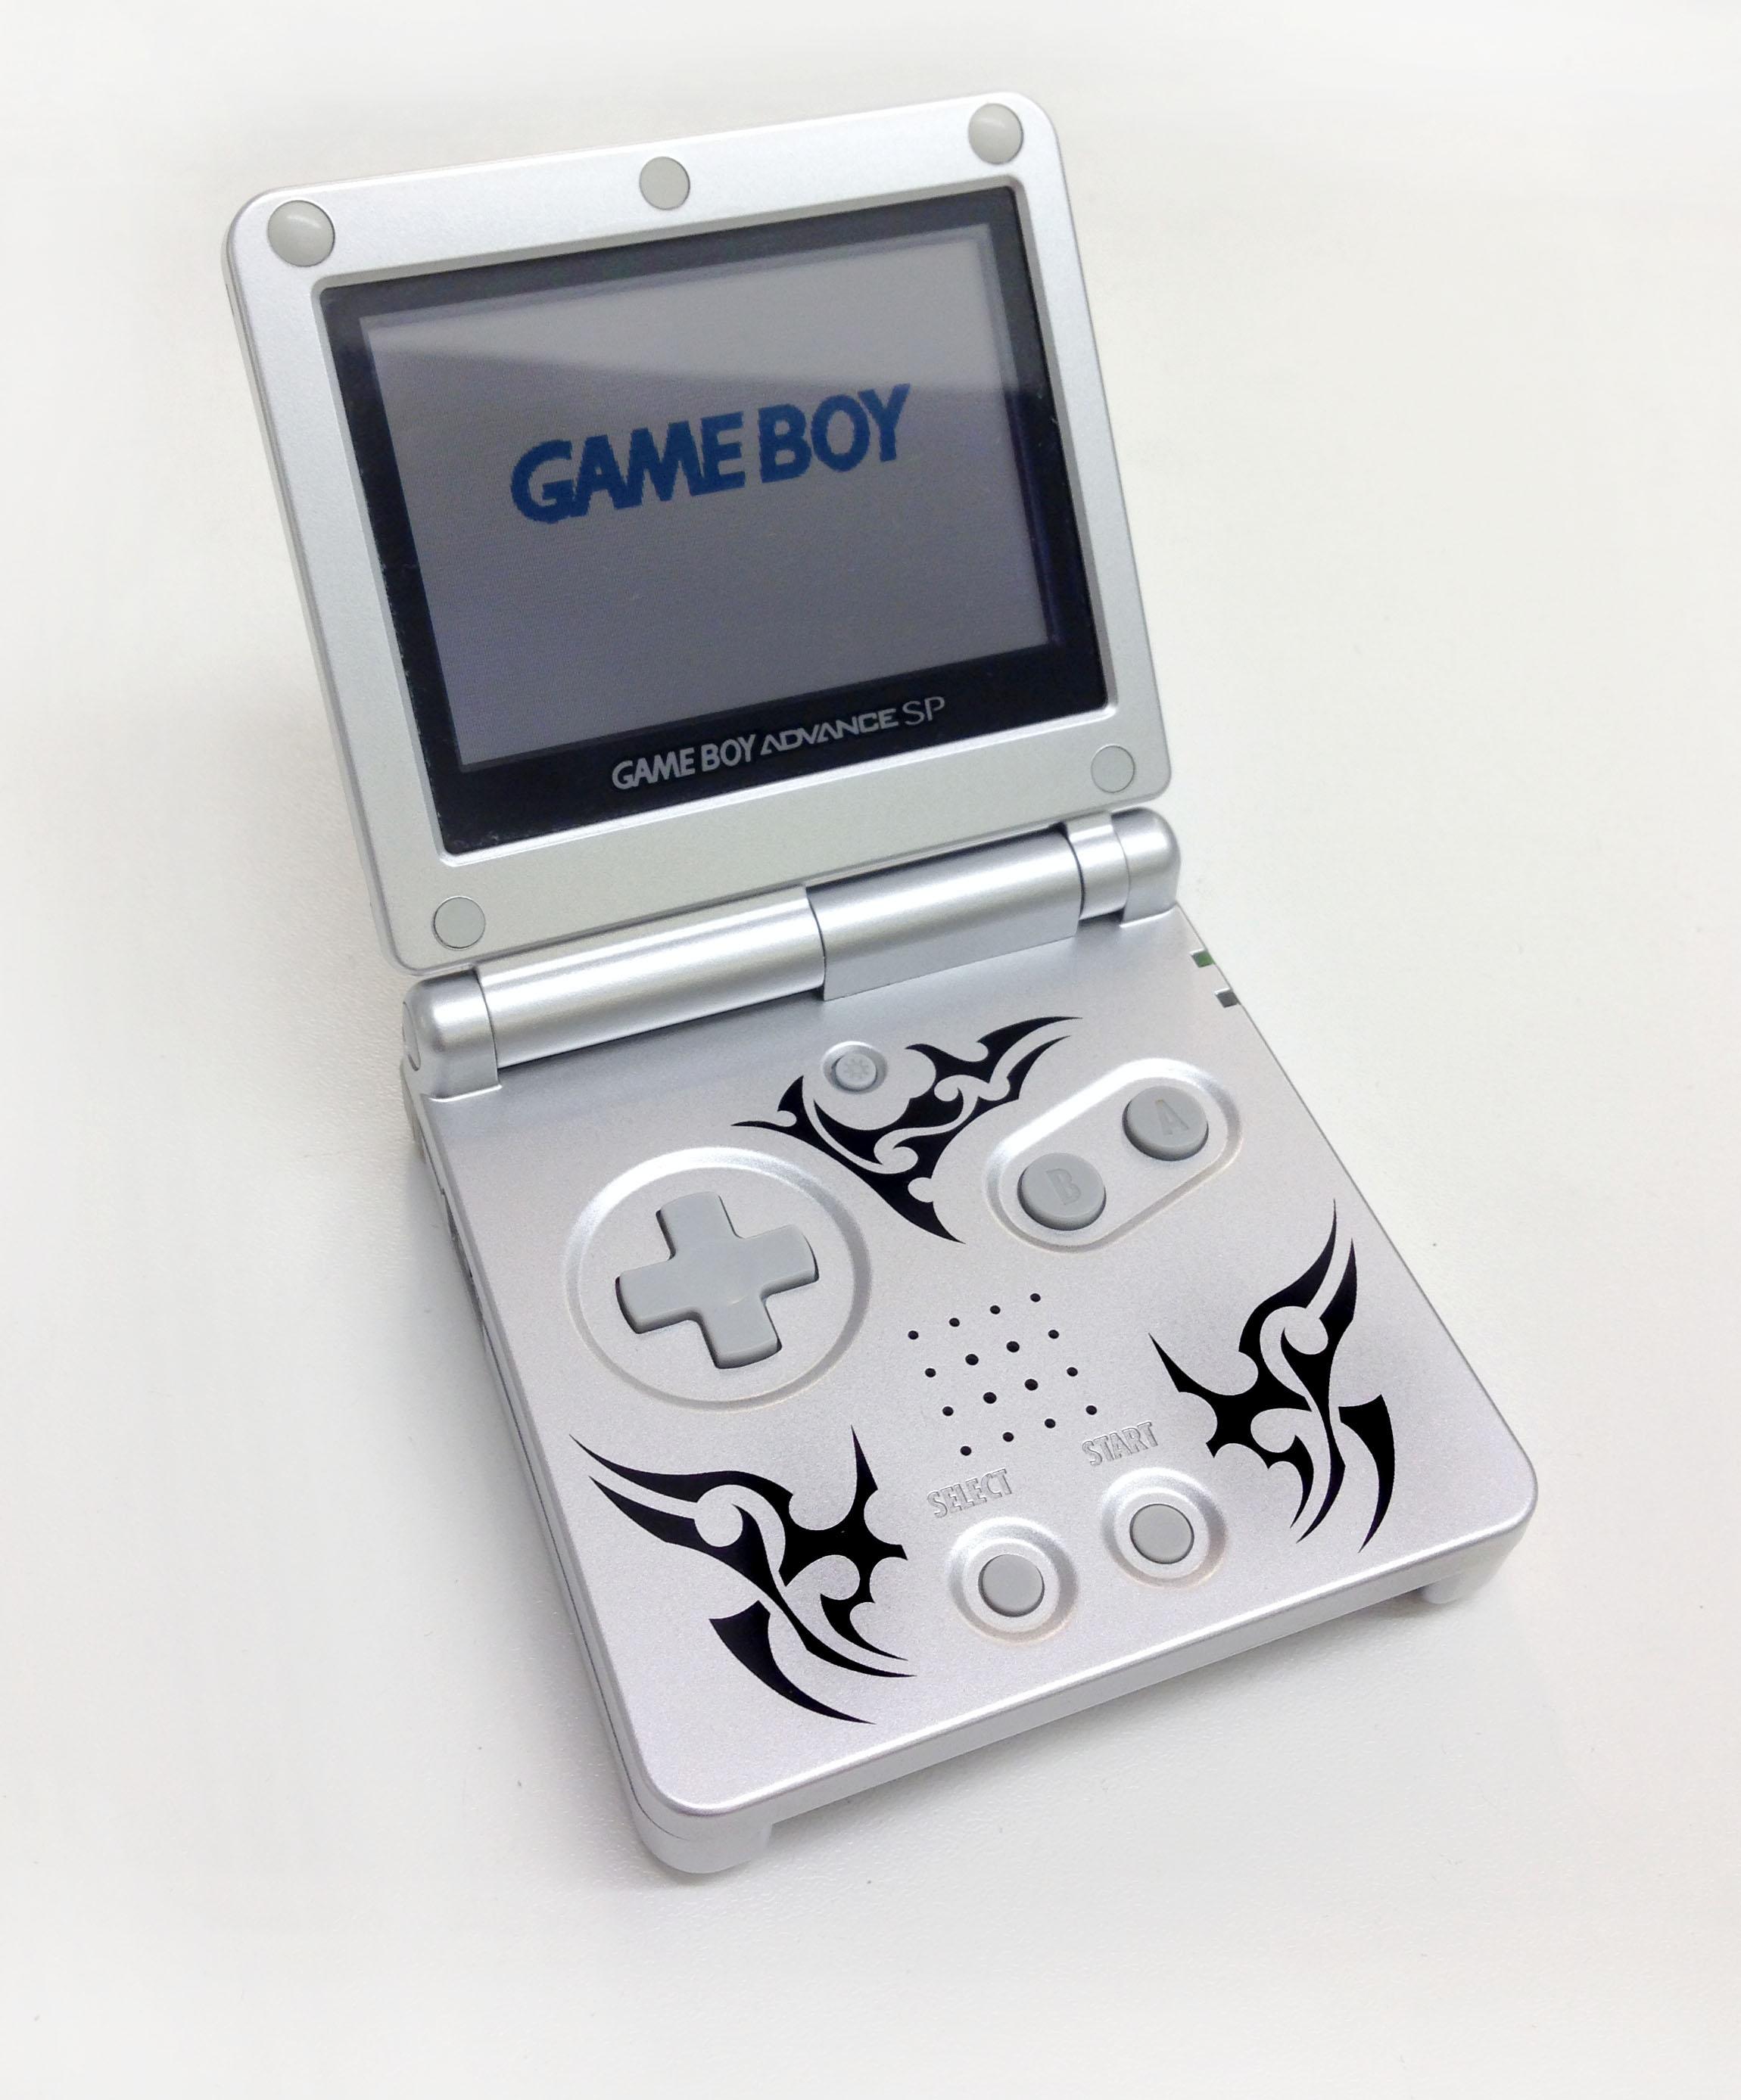 Game Boy Advance Sp : Hand held nintendo game boy pocket color